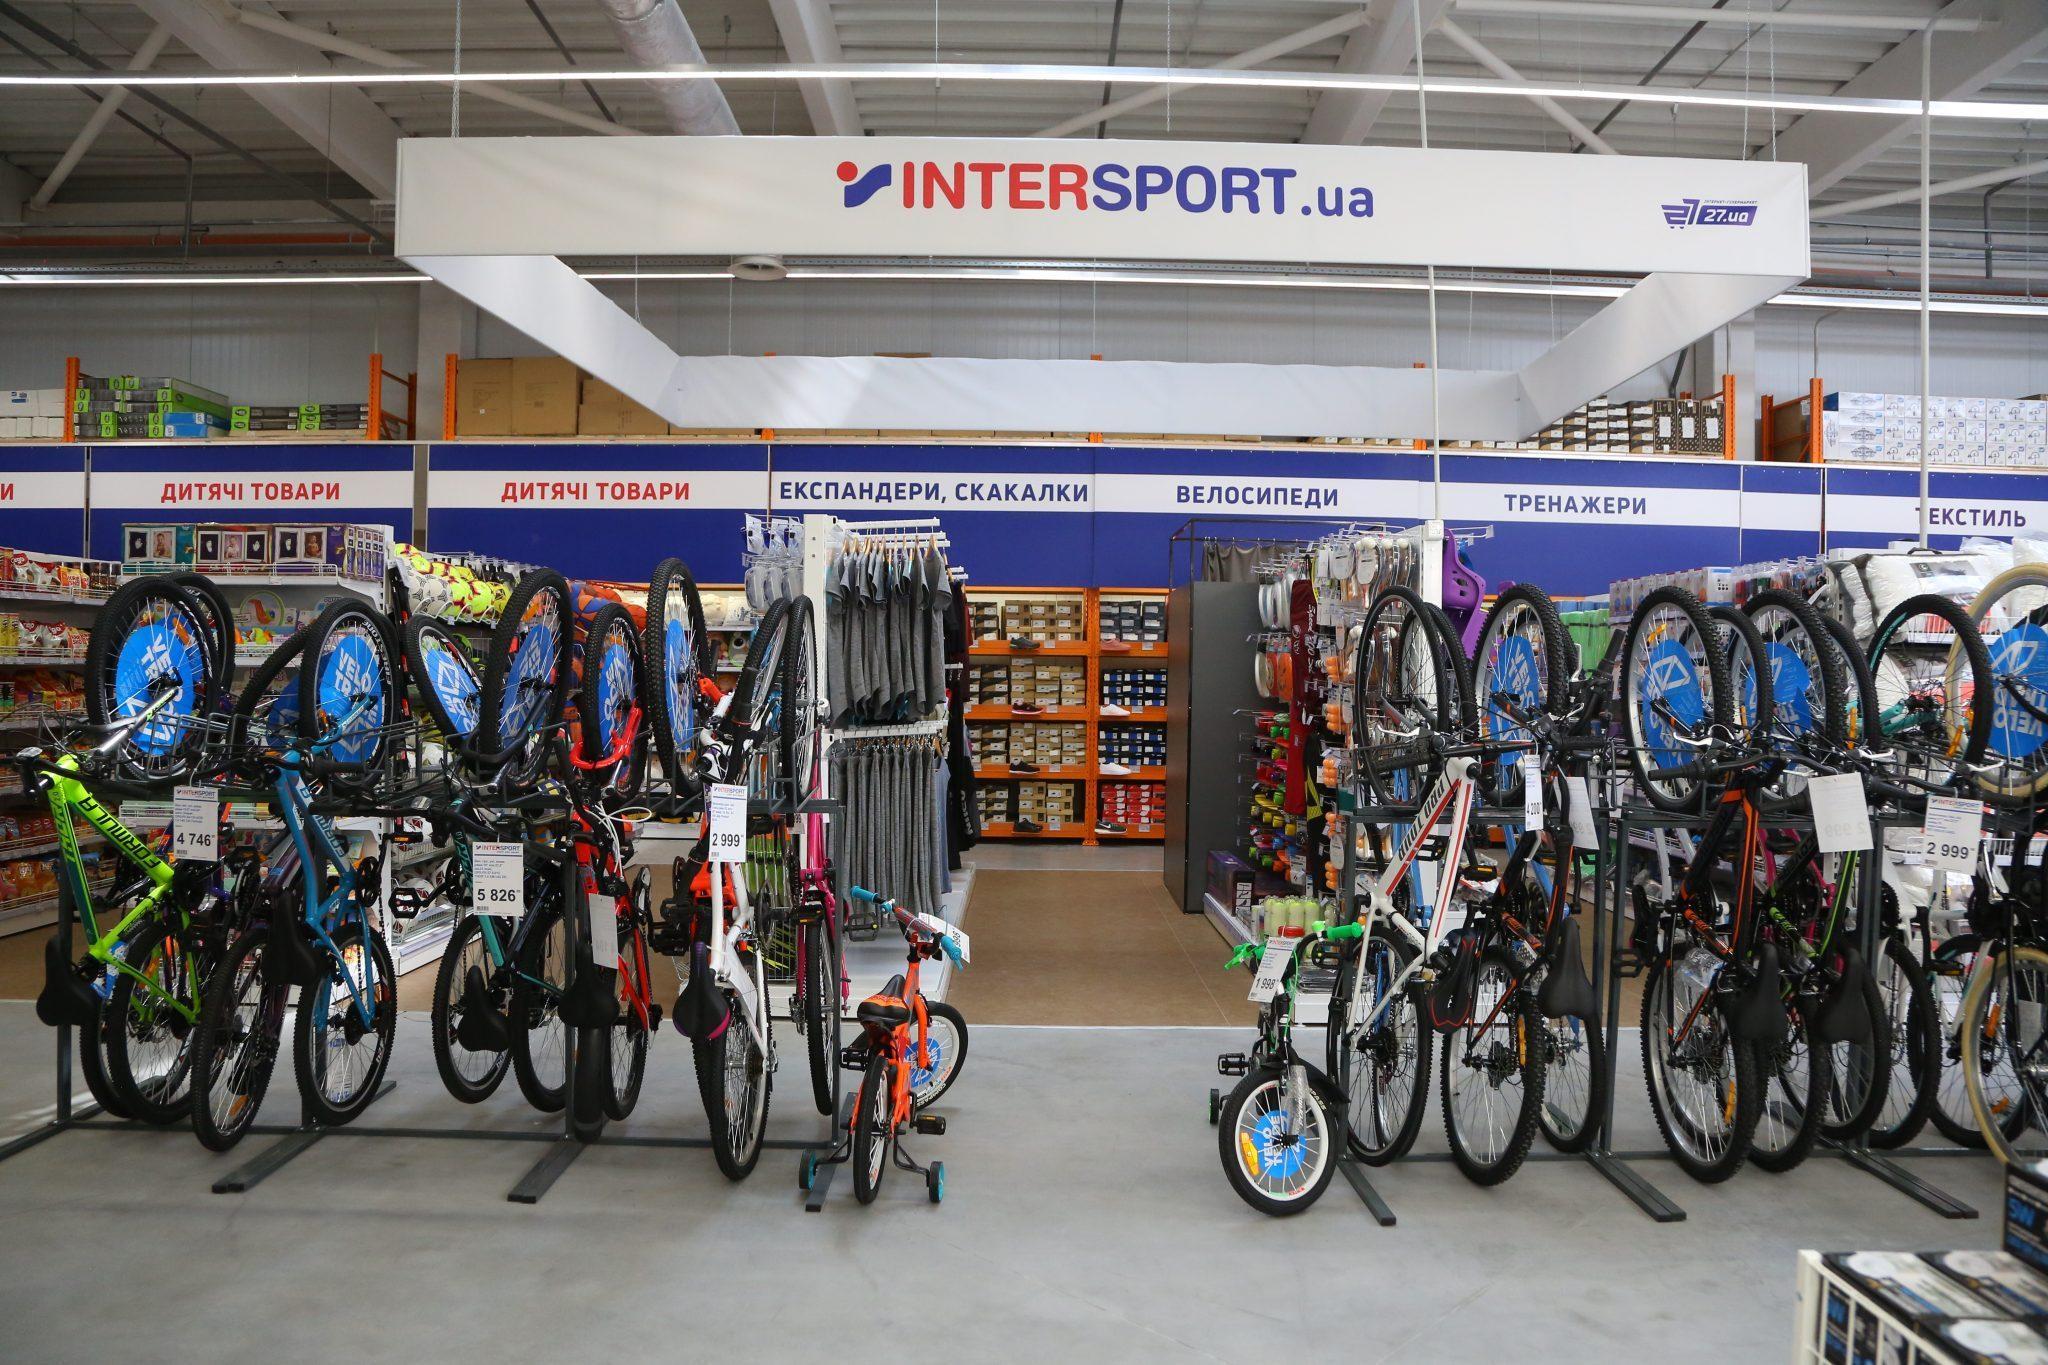 b4bd4b2149e573 Особливістю торгового центру у Дрогобичі став новий магазин Intersport,  який вперше відкривається у малому форматі.